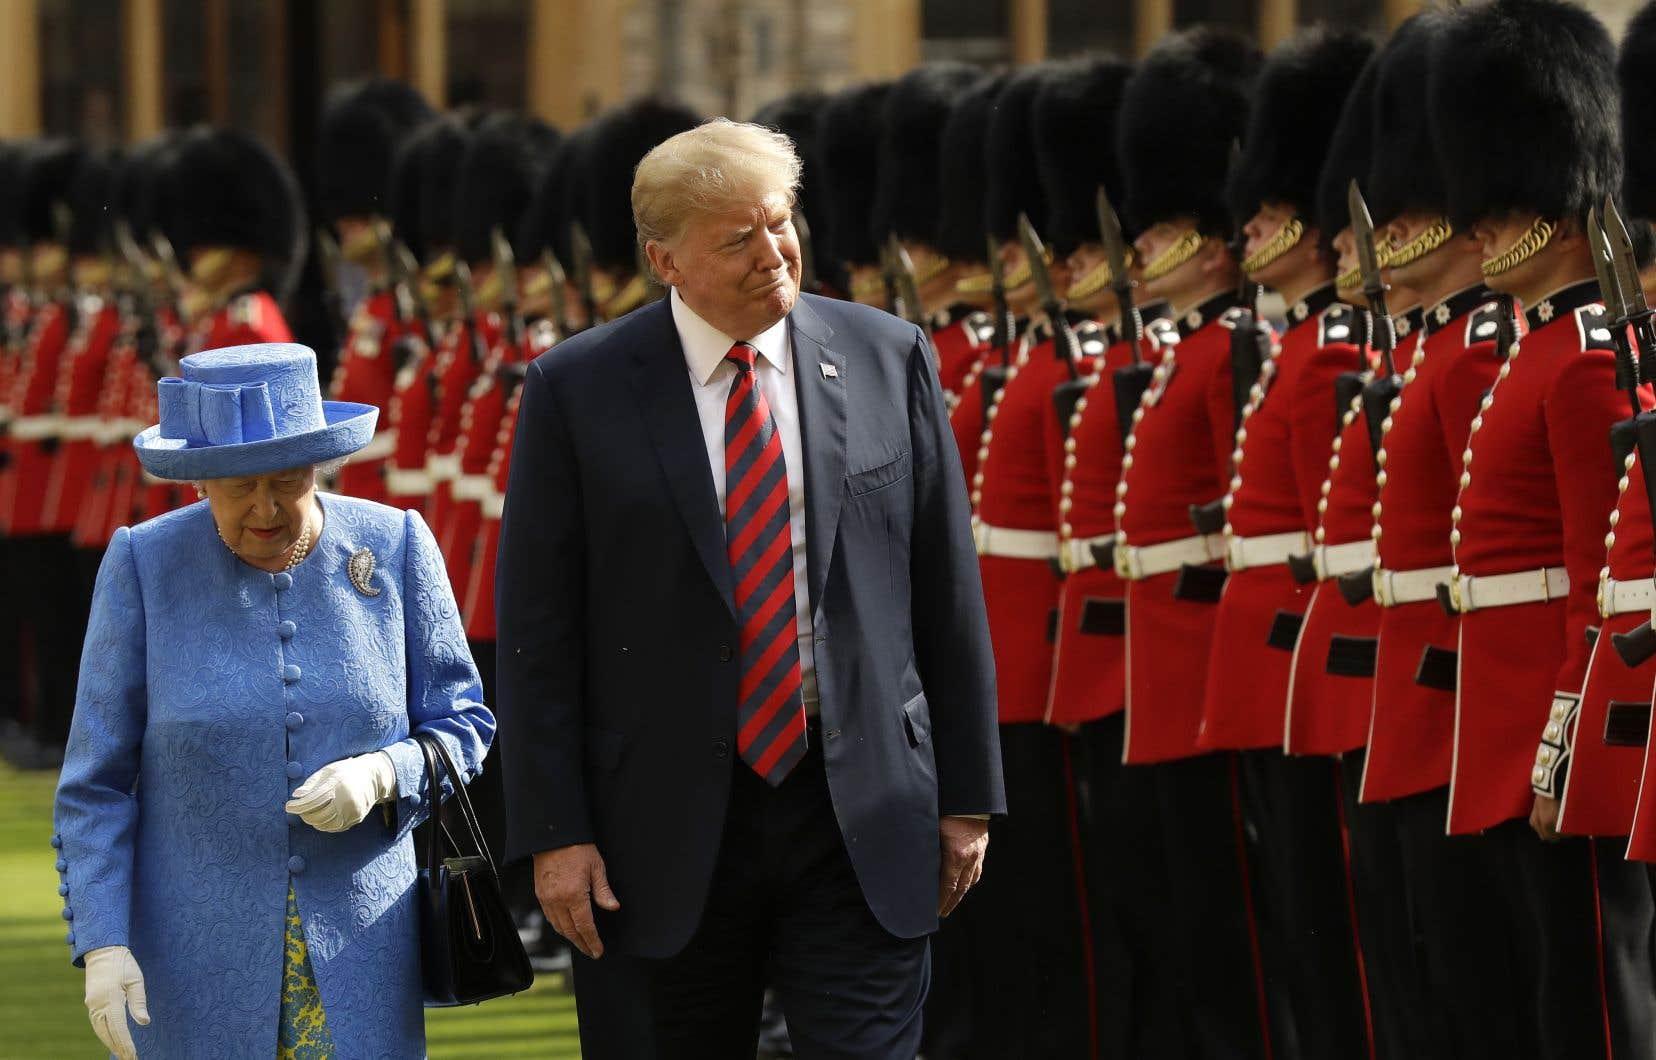 Elizabeth II a invité Donald Trump à passer en revue la garde d'honneur, des soldats vêtus du traditionnel uniforme rouge et coiffés du célèbre bonnet à poils d'ours.